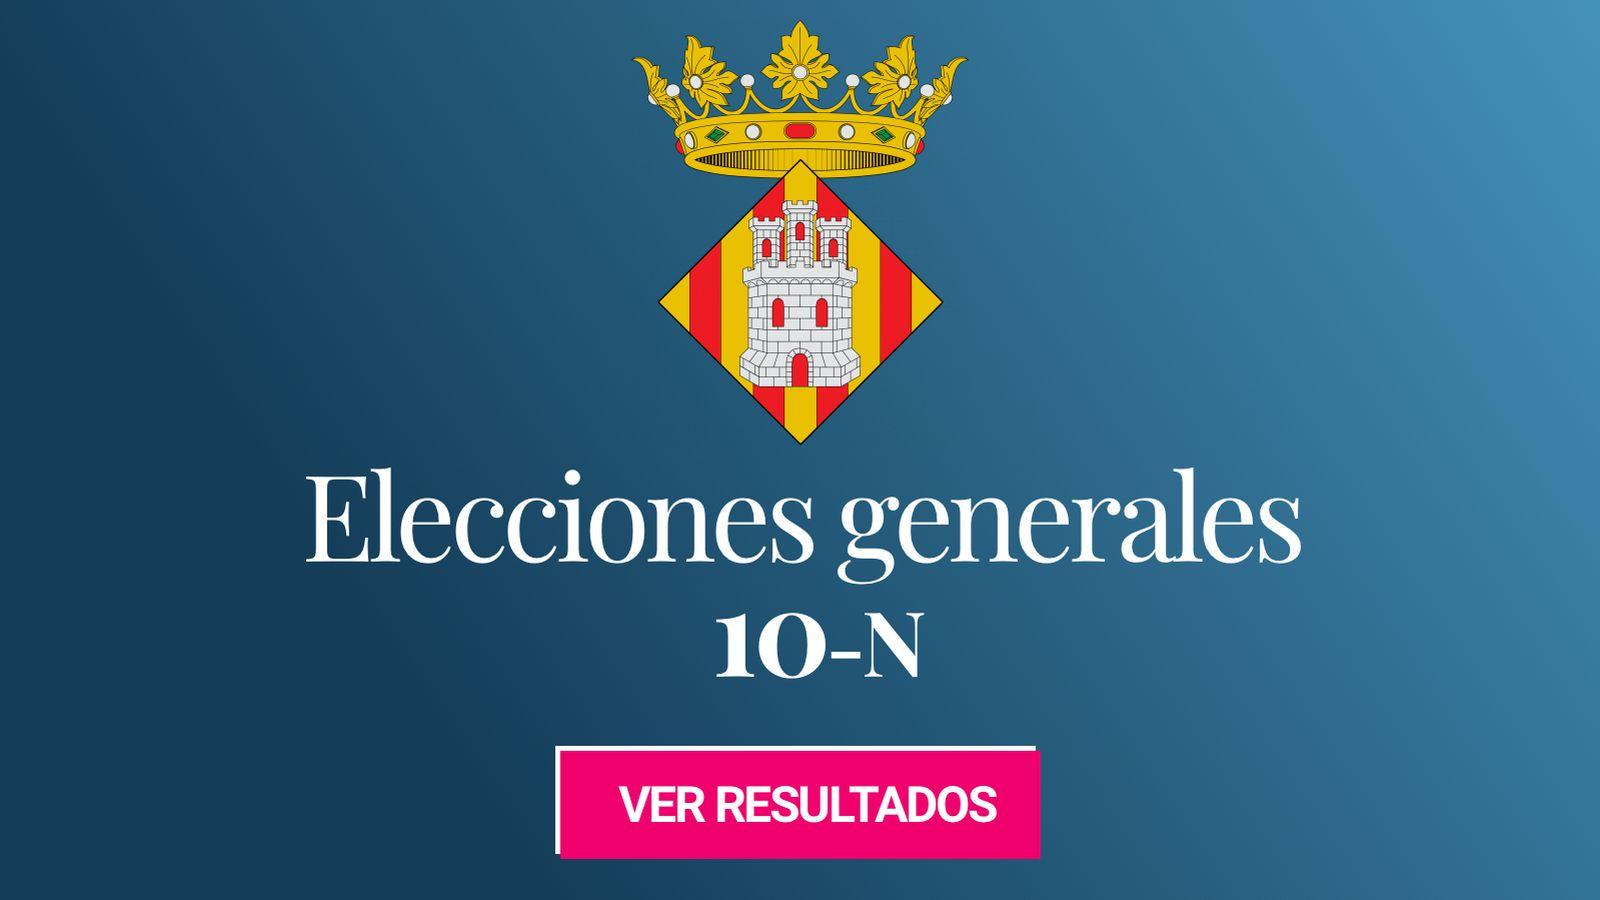 Foto: Elecciones generales 2019 en Castellón de la Plana. (C.C./EC)